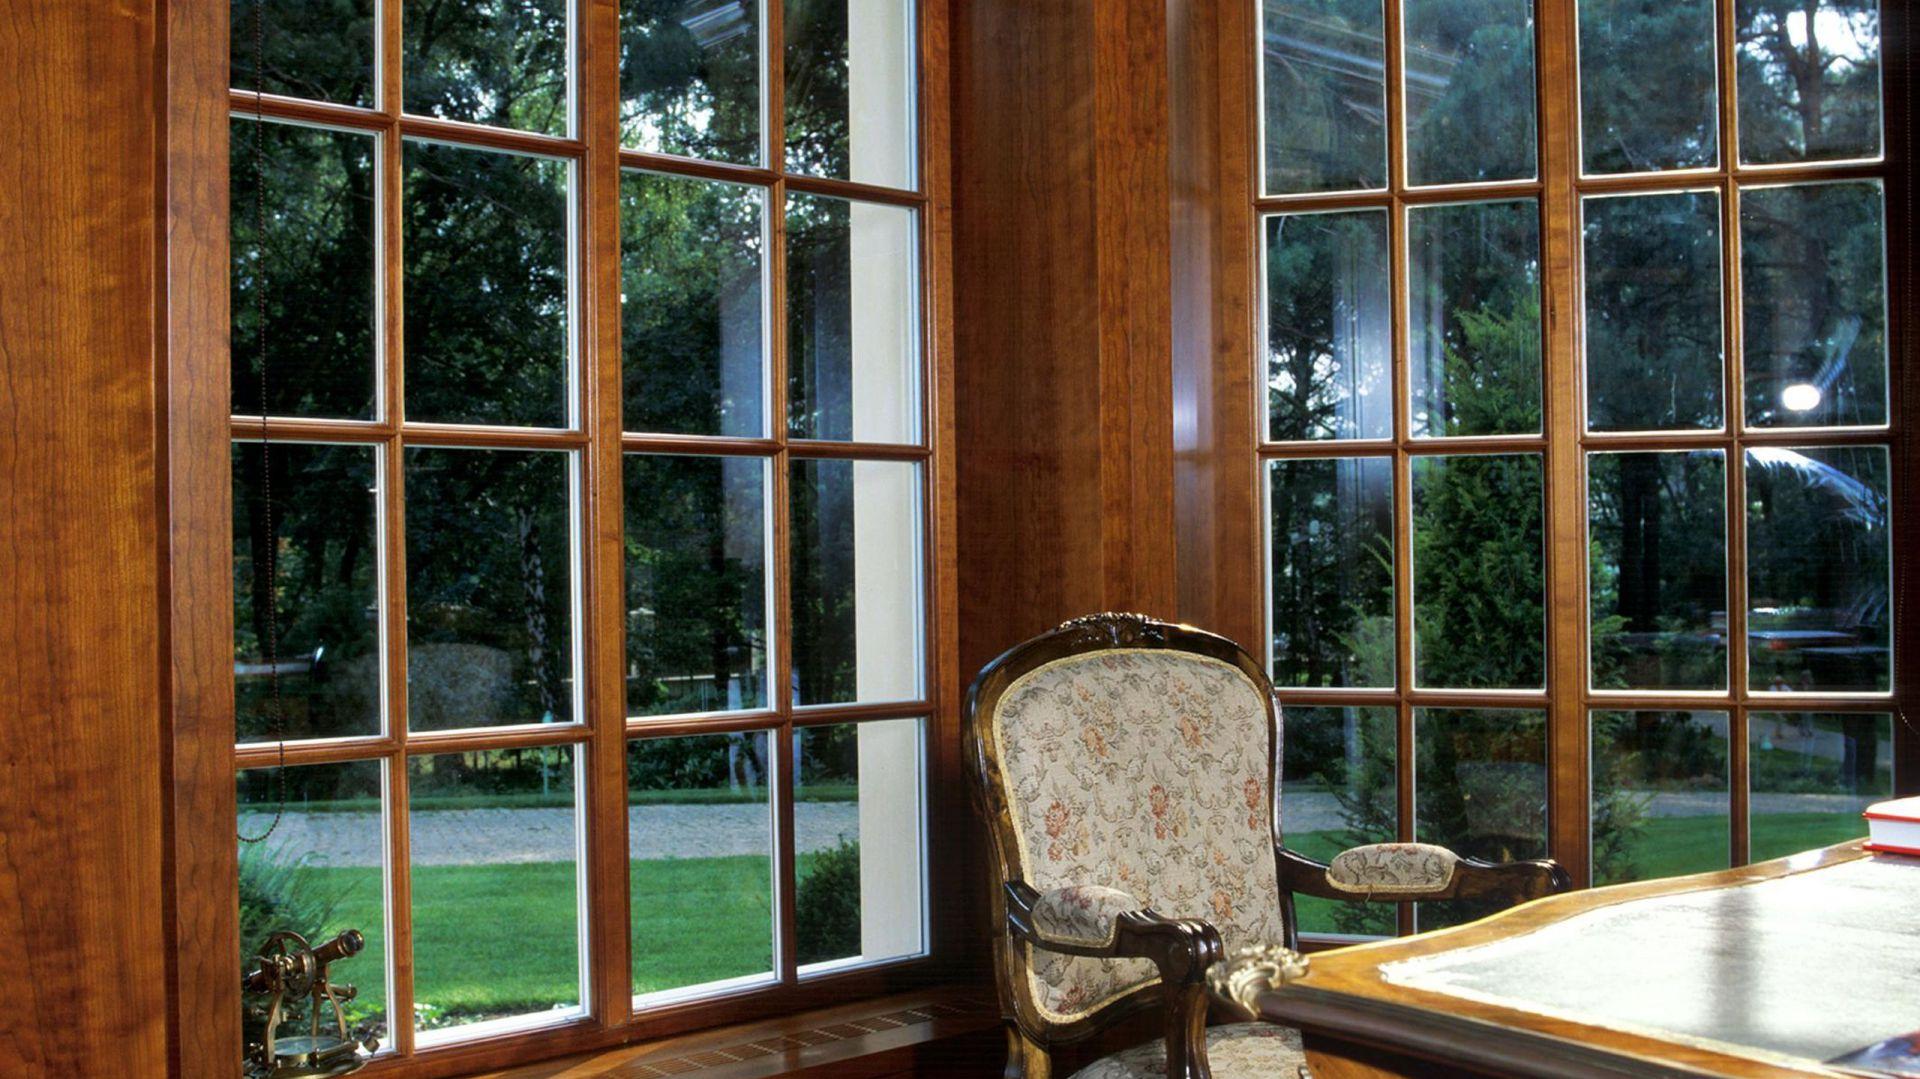 Duże okna tuż przy biurku to najlepsze rozwiązanie problemu oświetlenia miejsca pracy. Fot. Wirchomski.